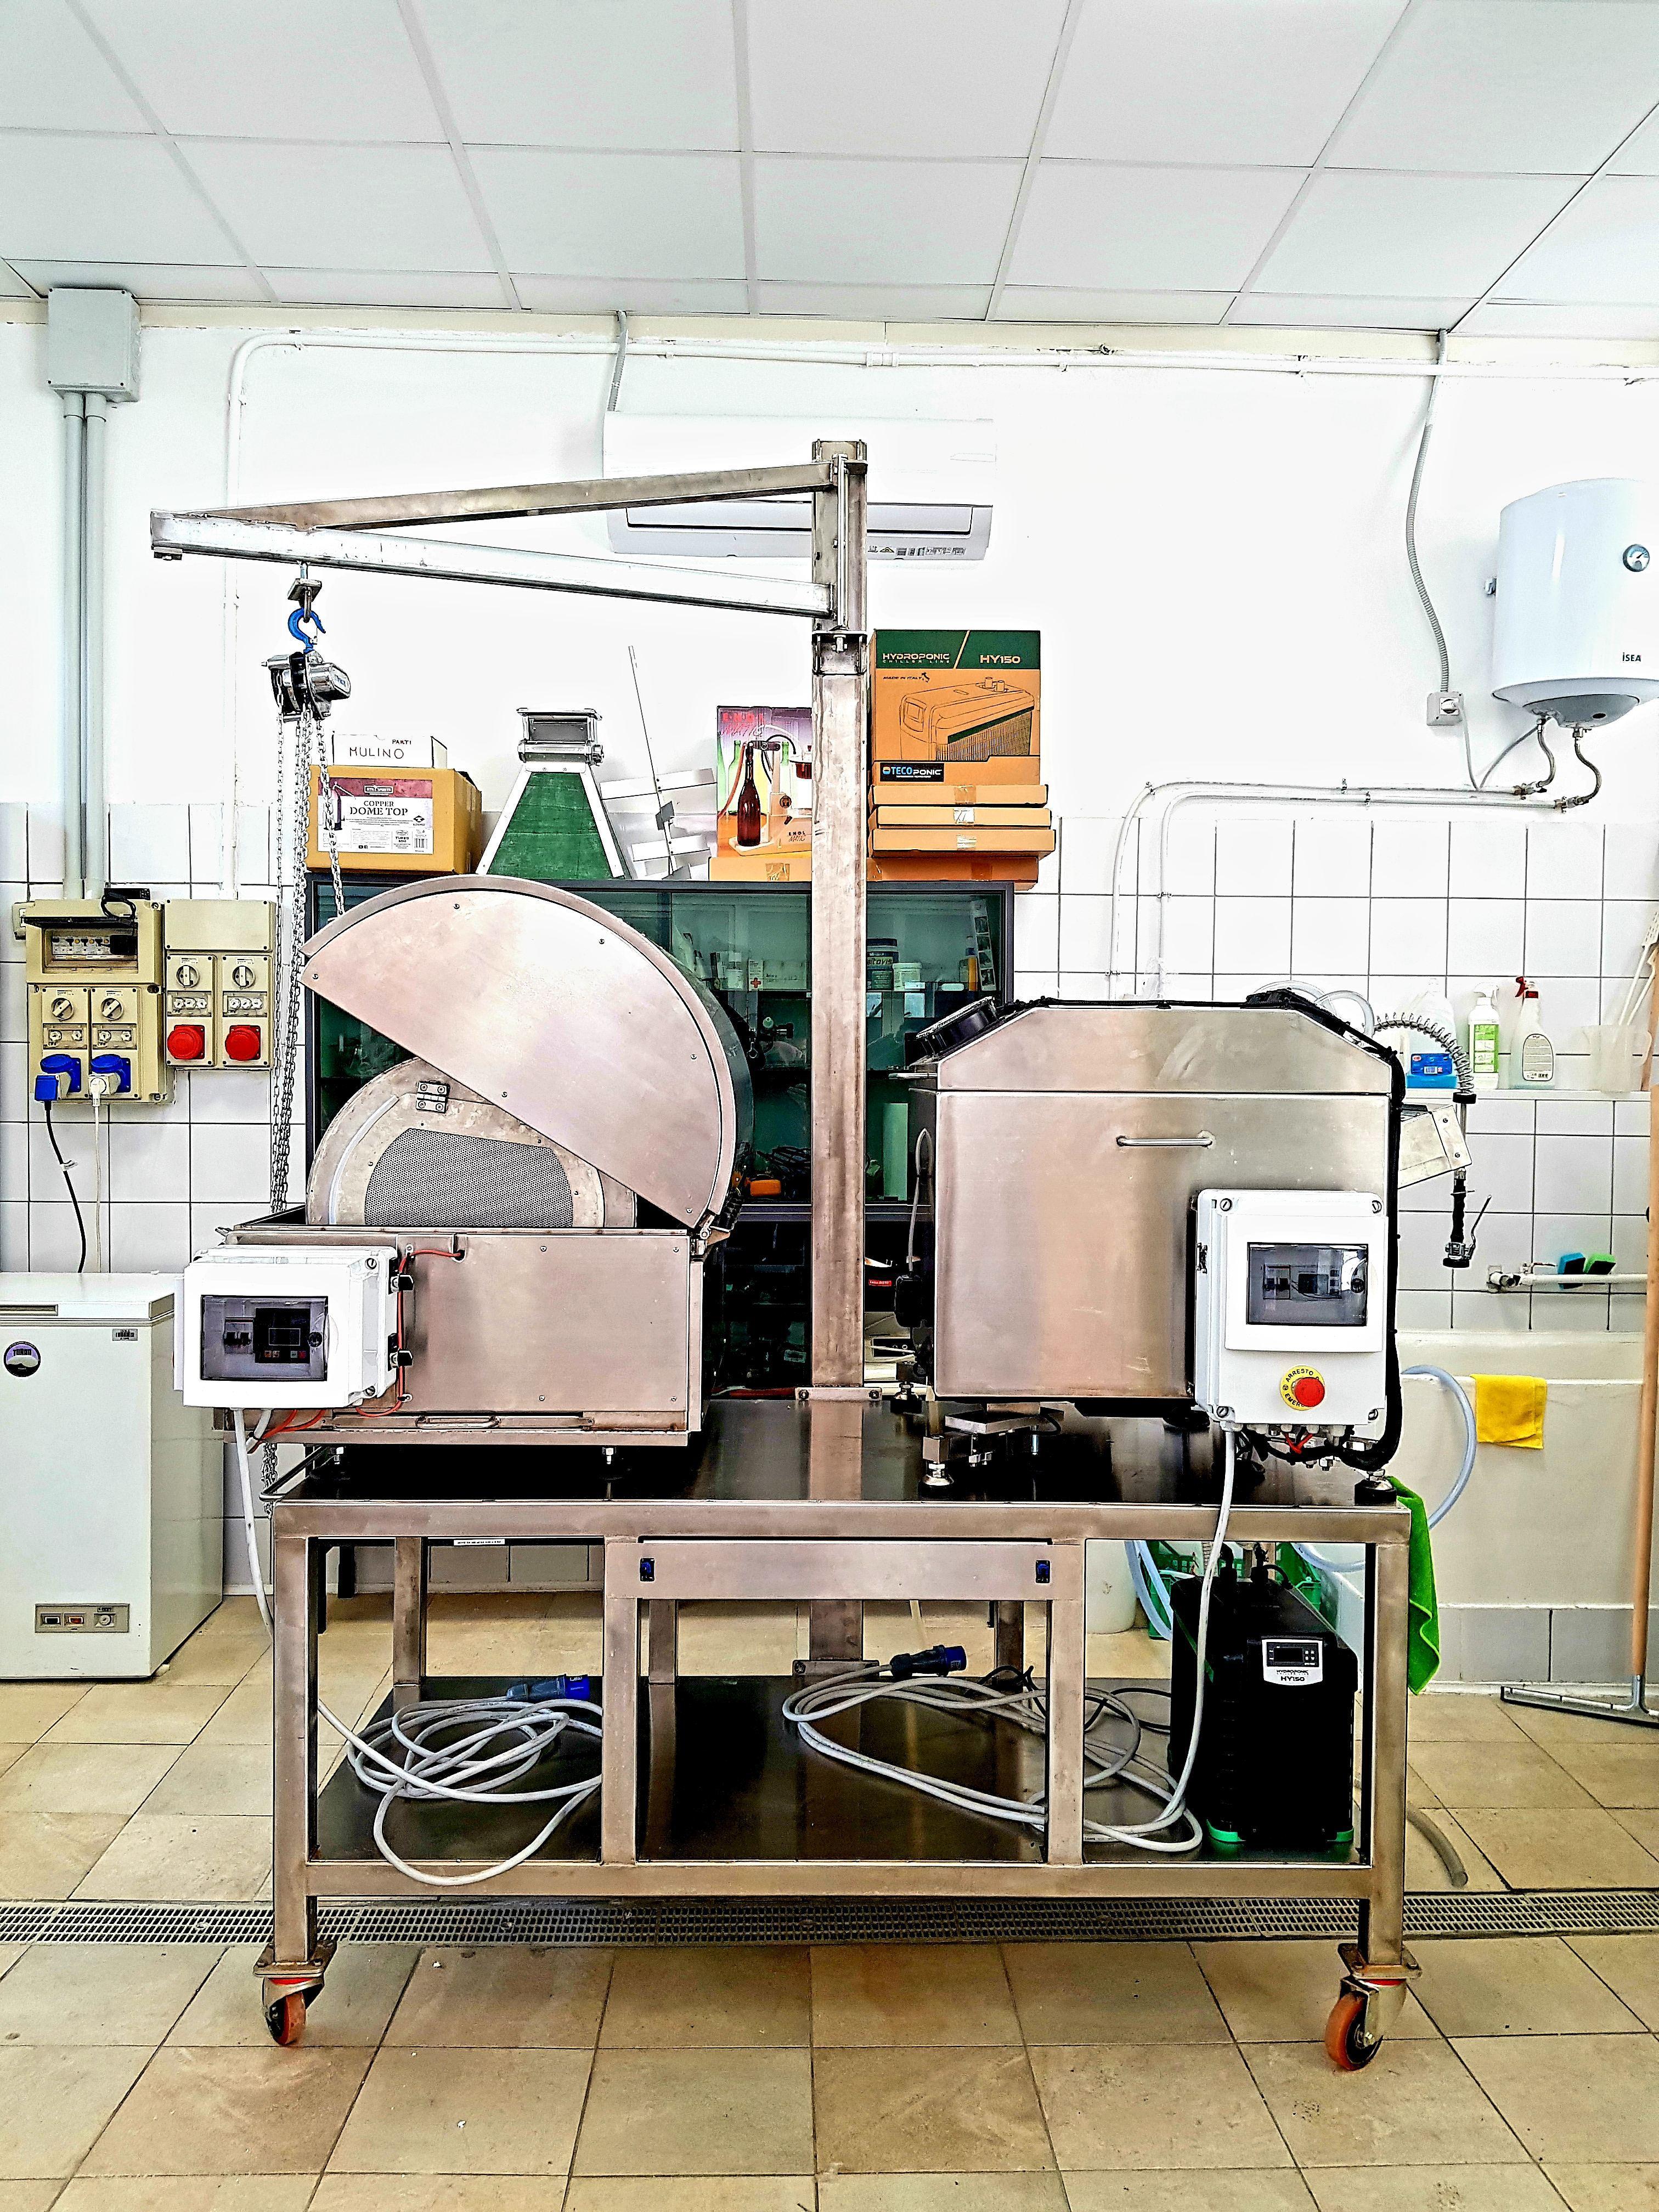 Impianti pilota per la maltazione, la produzione di birra ed applicazioni digitali nella filiera brassicola e cerealicola